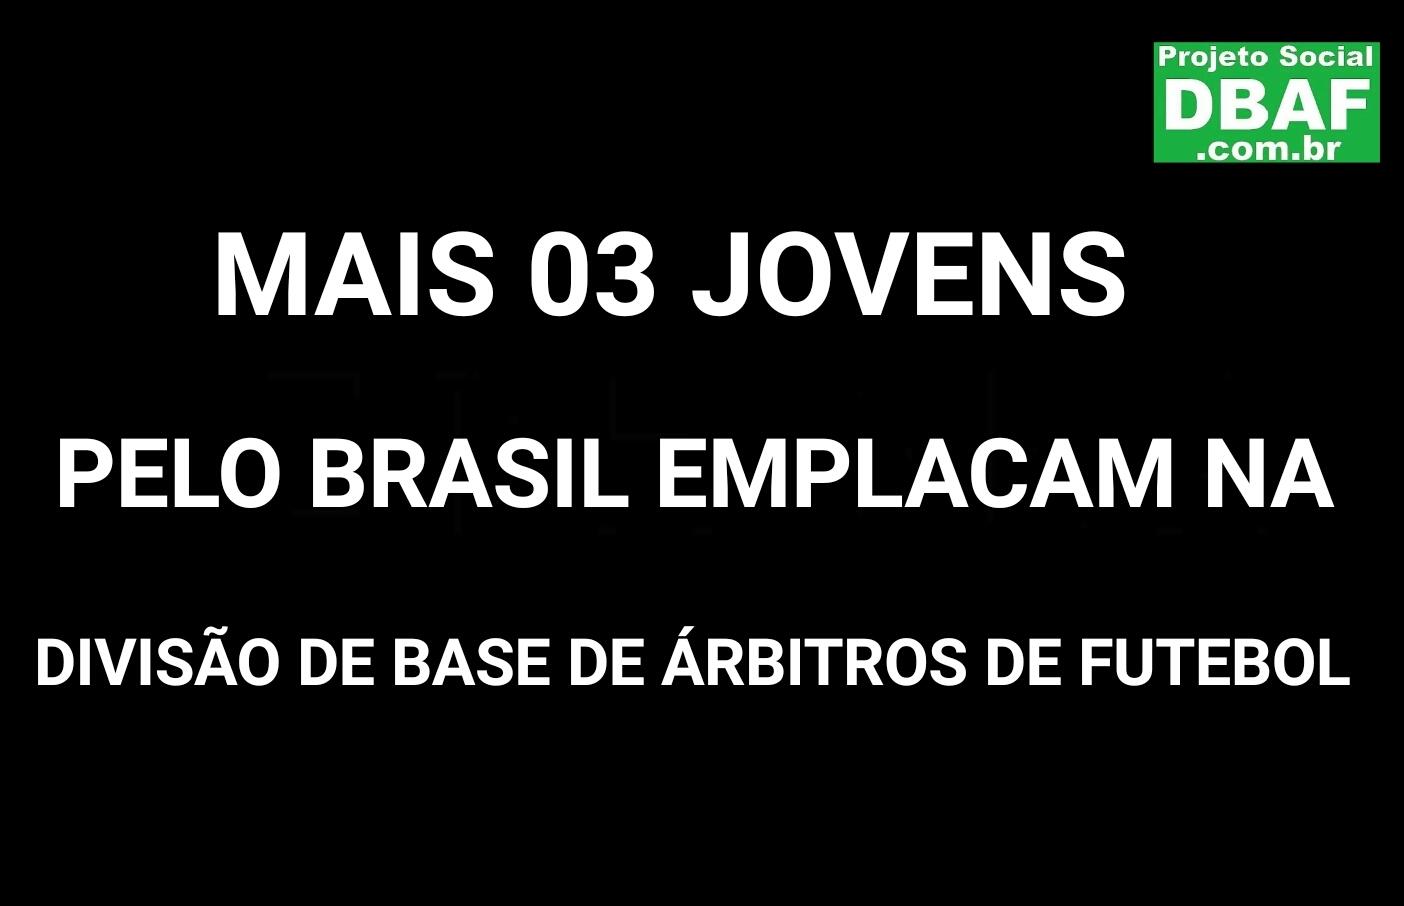 03 JOVENS DE VÁRIOS ESTADOS DO BRASIL EMPLACAM NA DBAF DURANTE PANDEMIA